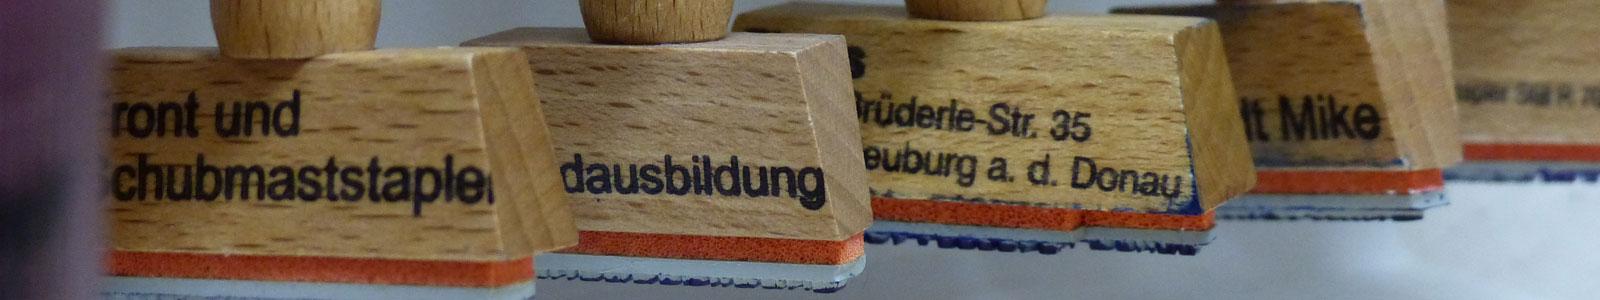 Fahrausweis Gabelstapler